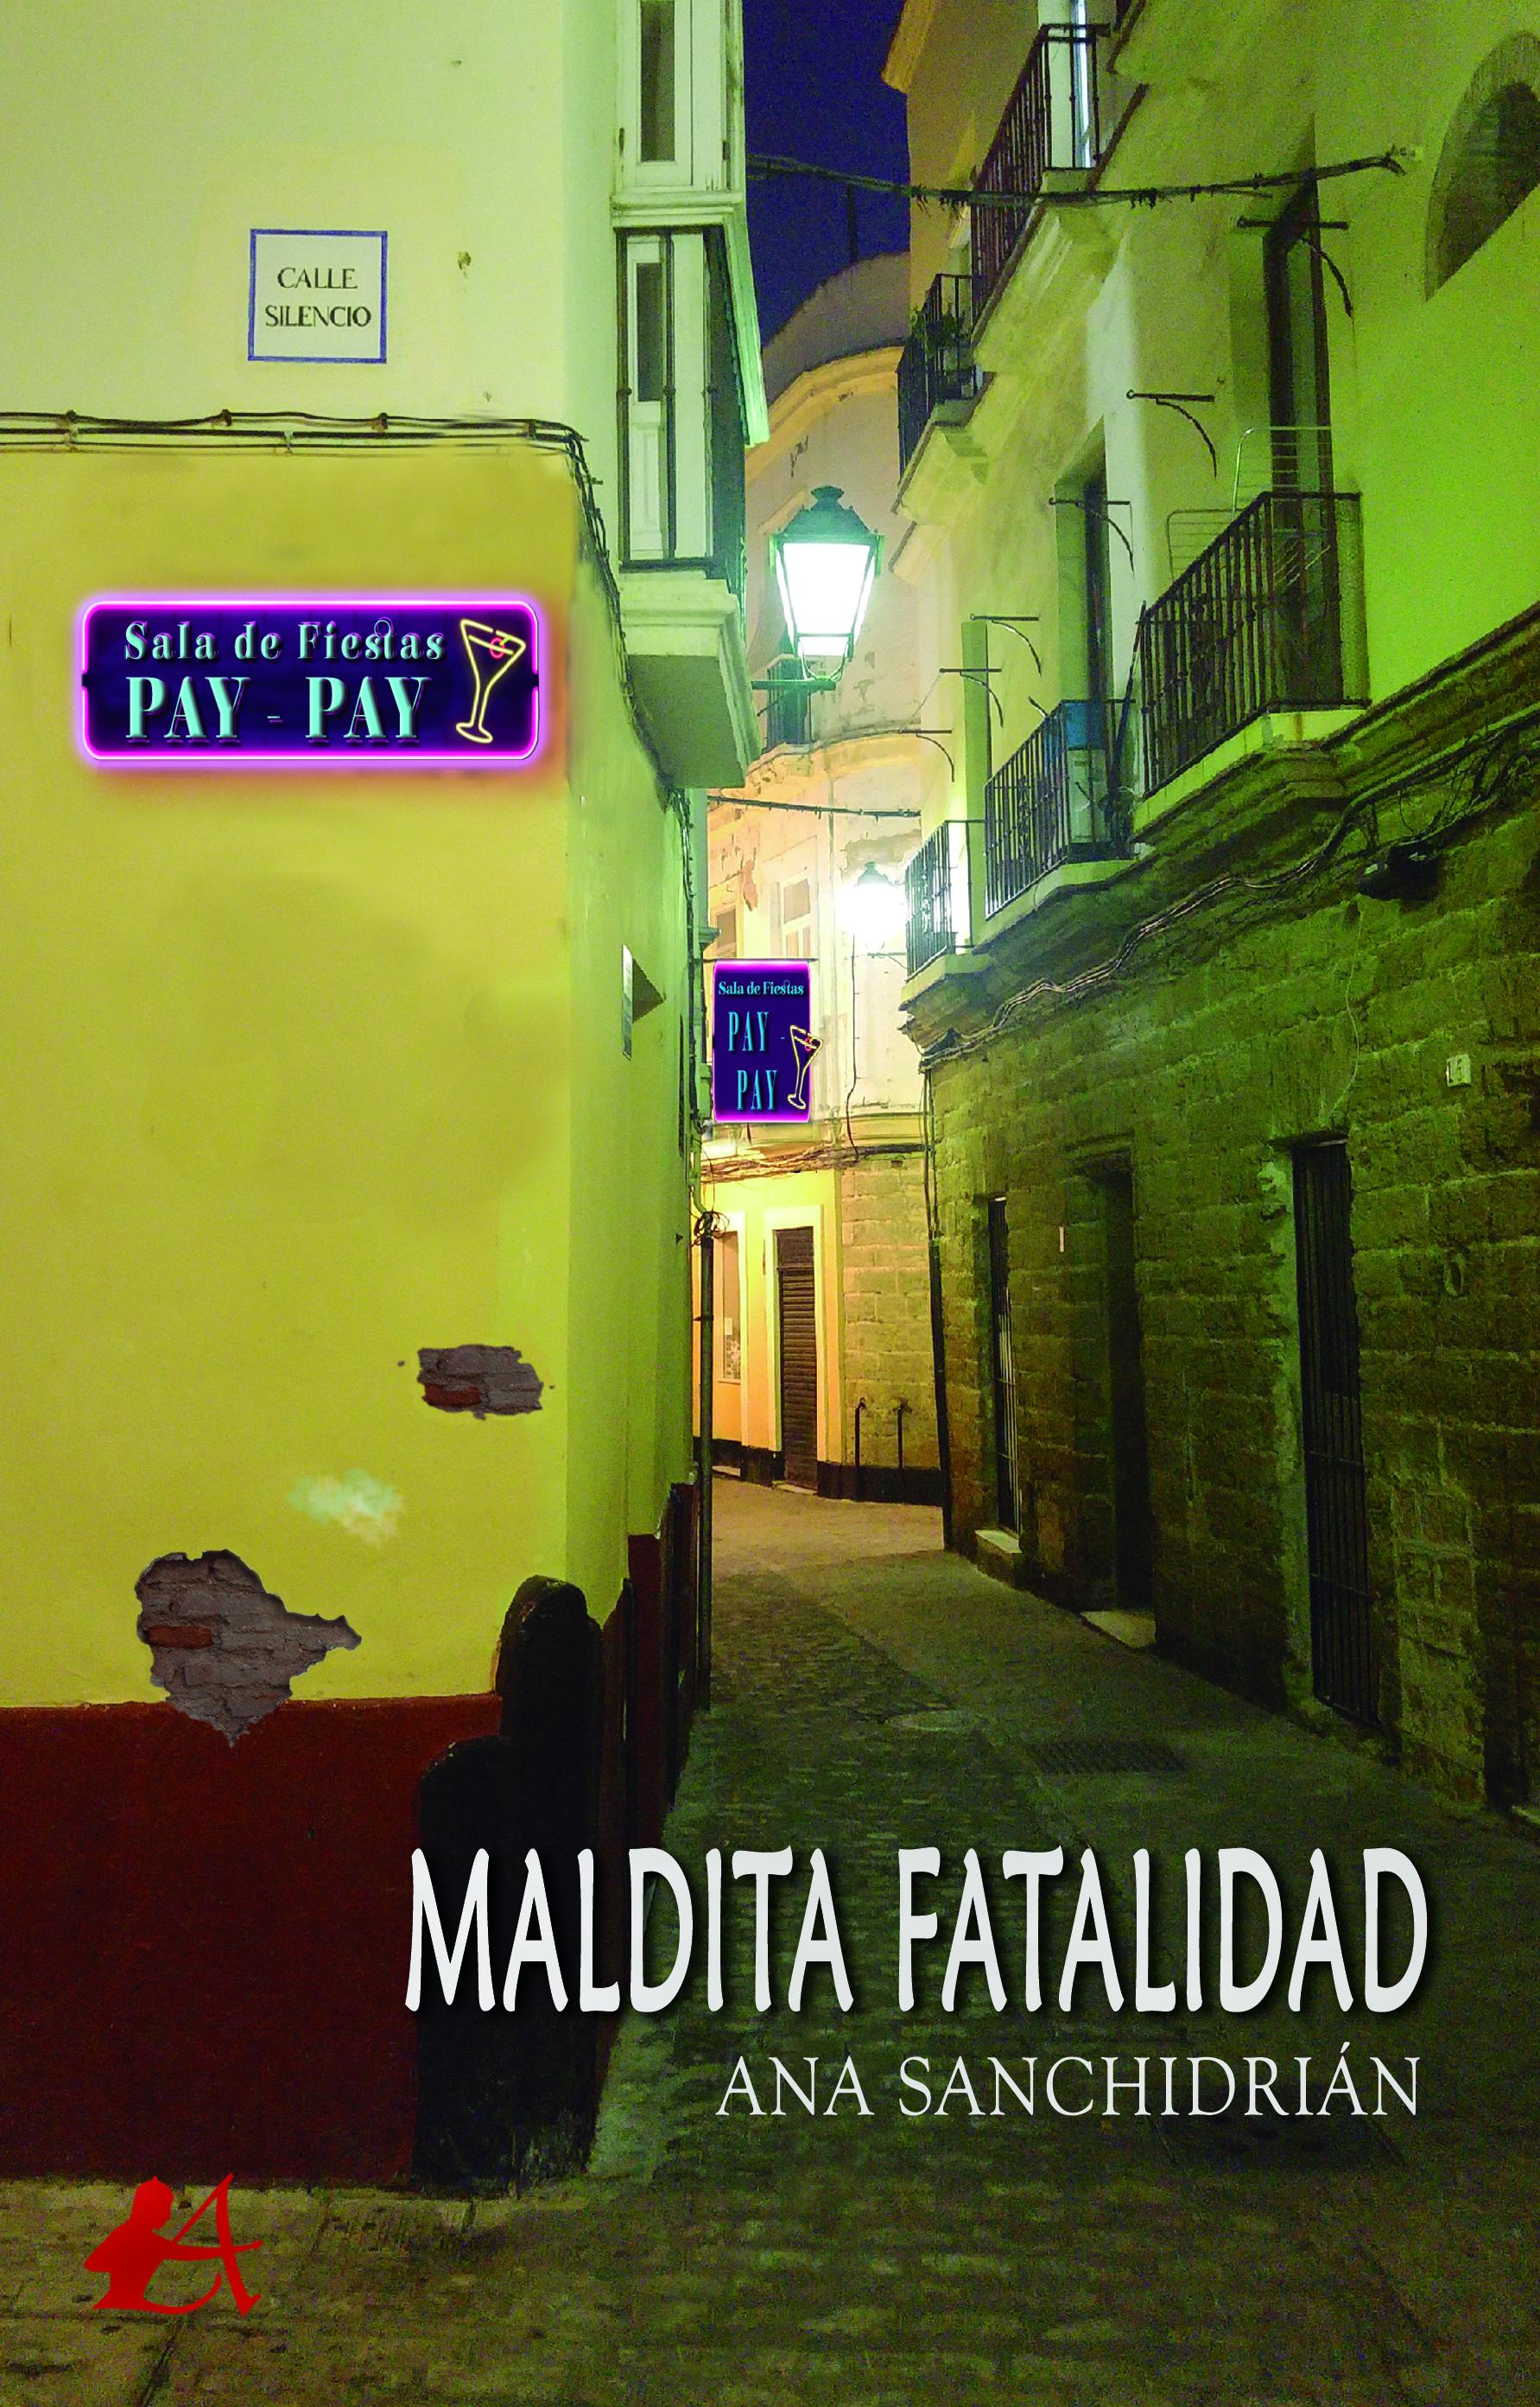 Portada del libro Maldita fatalidad de Ana Sanchidrián. Editorial Adarve, Corrección de textos